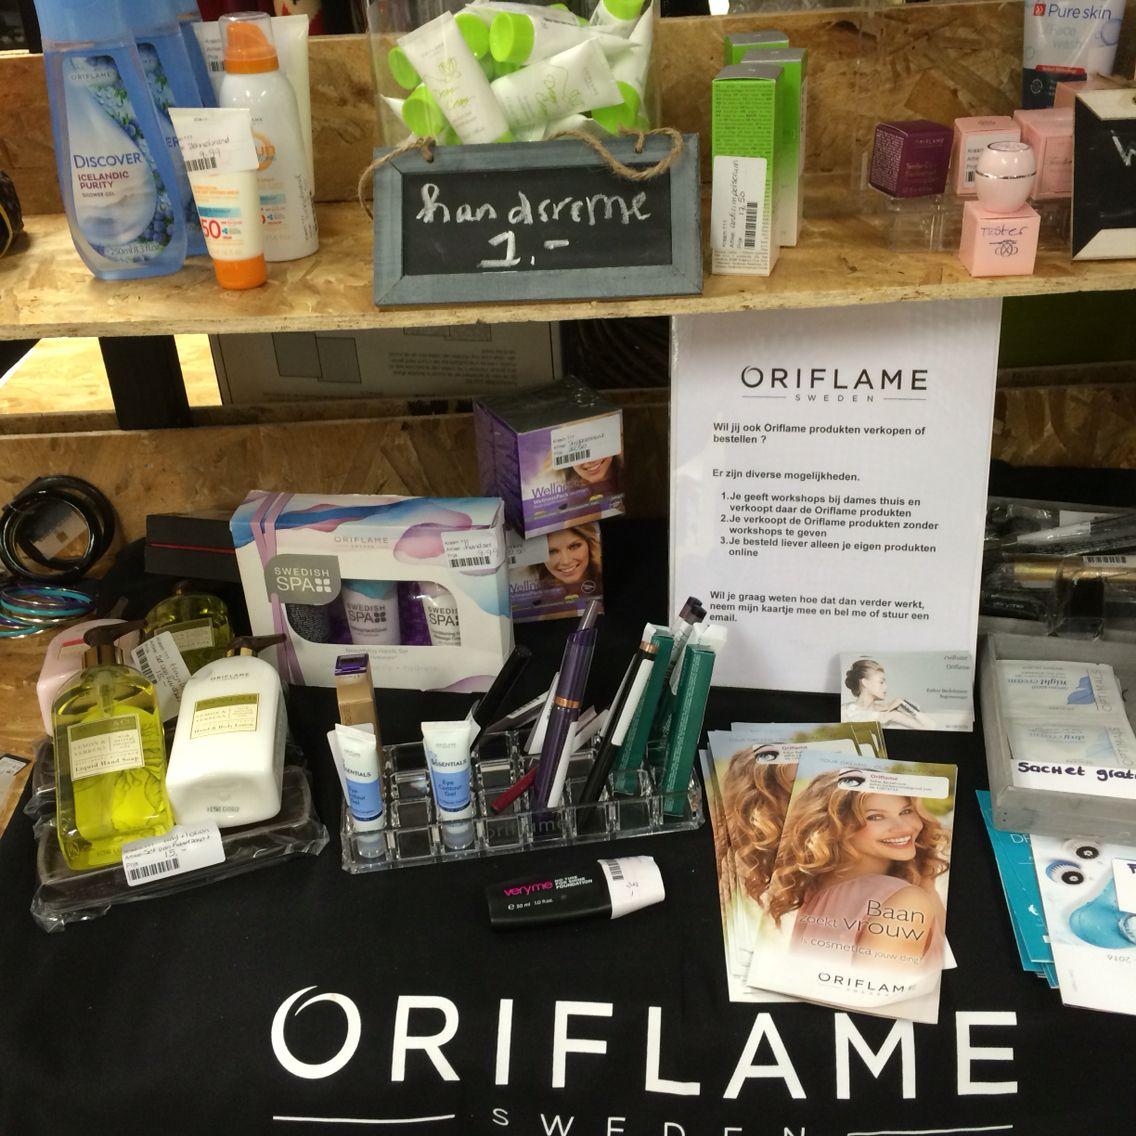 Oriflame producten